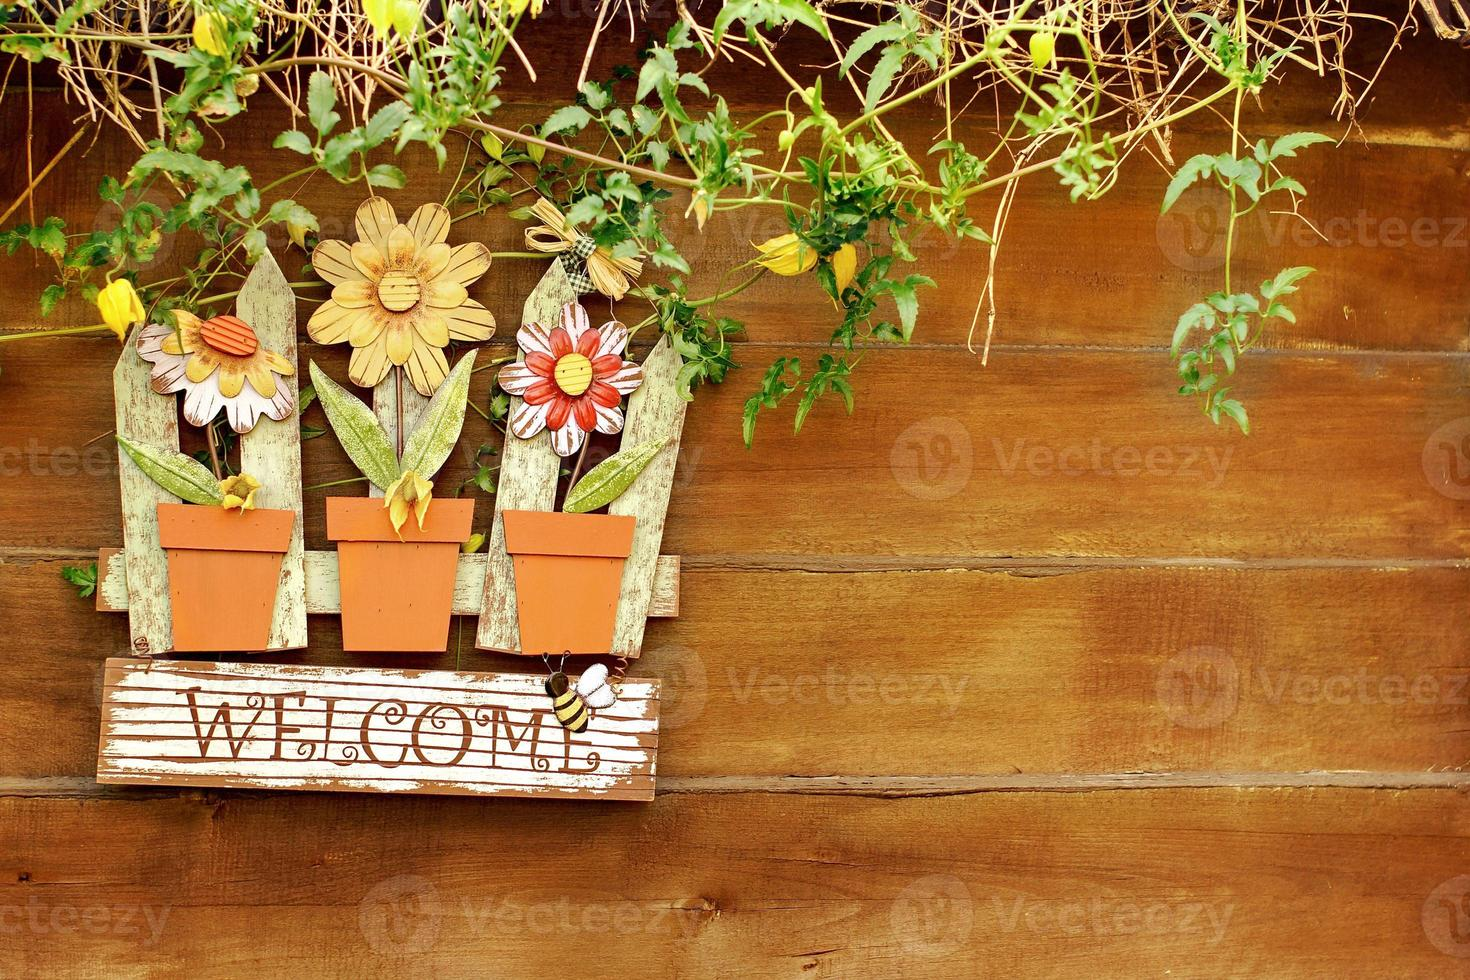 Panneau de bienvenue sur une clôture en bois dans le jardin photo